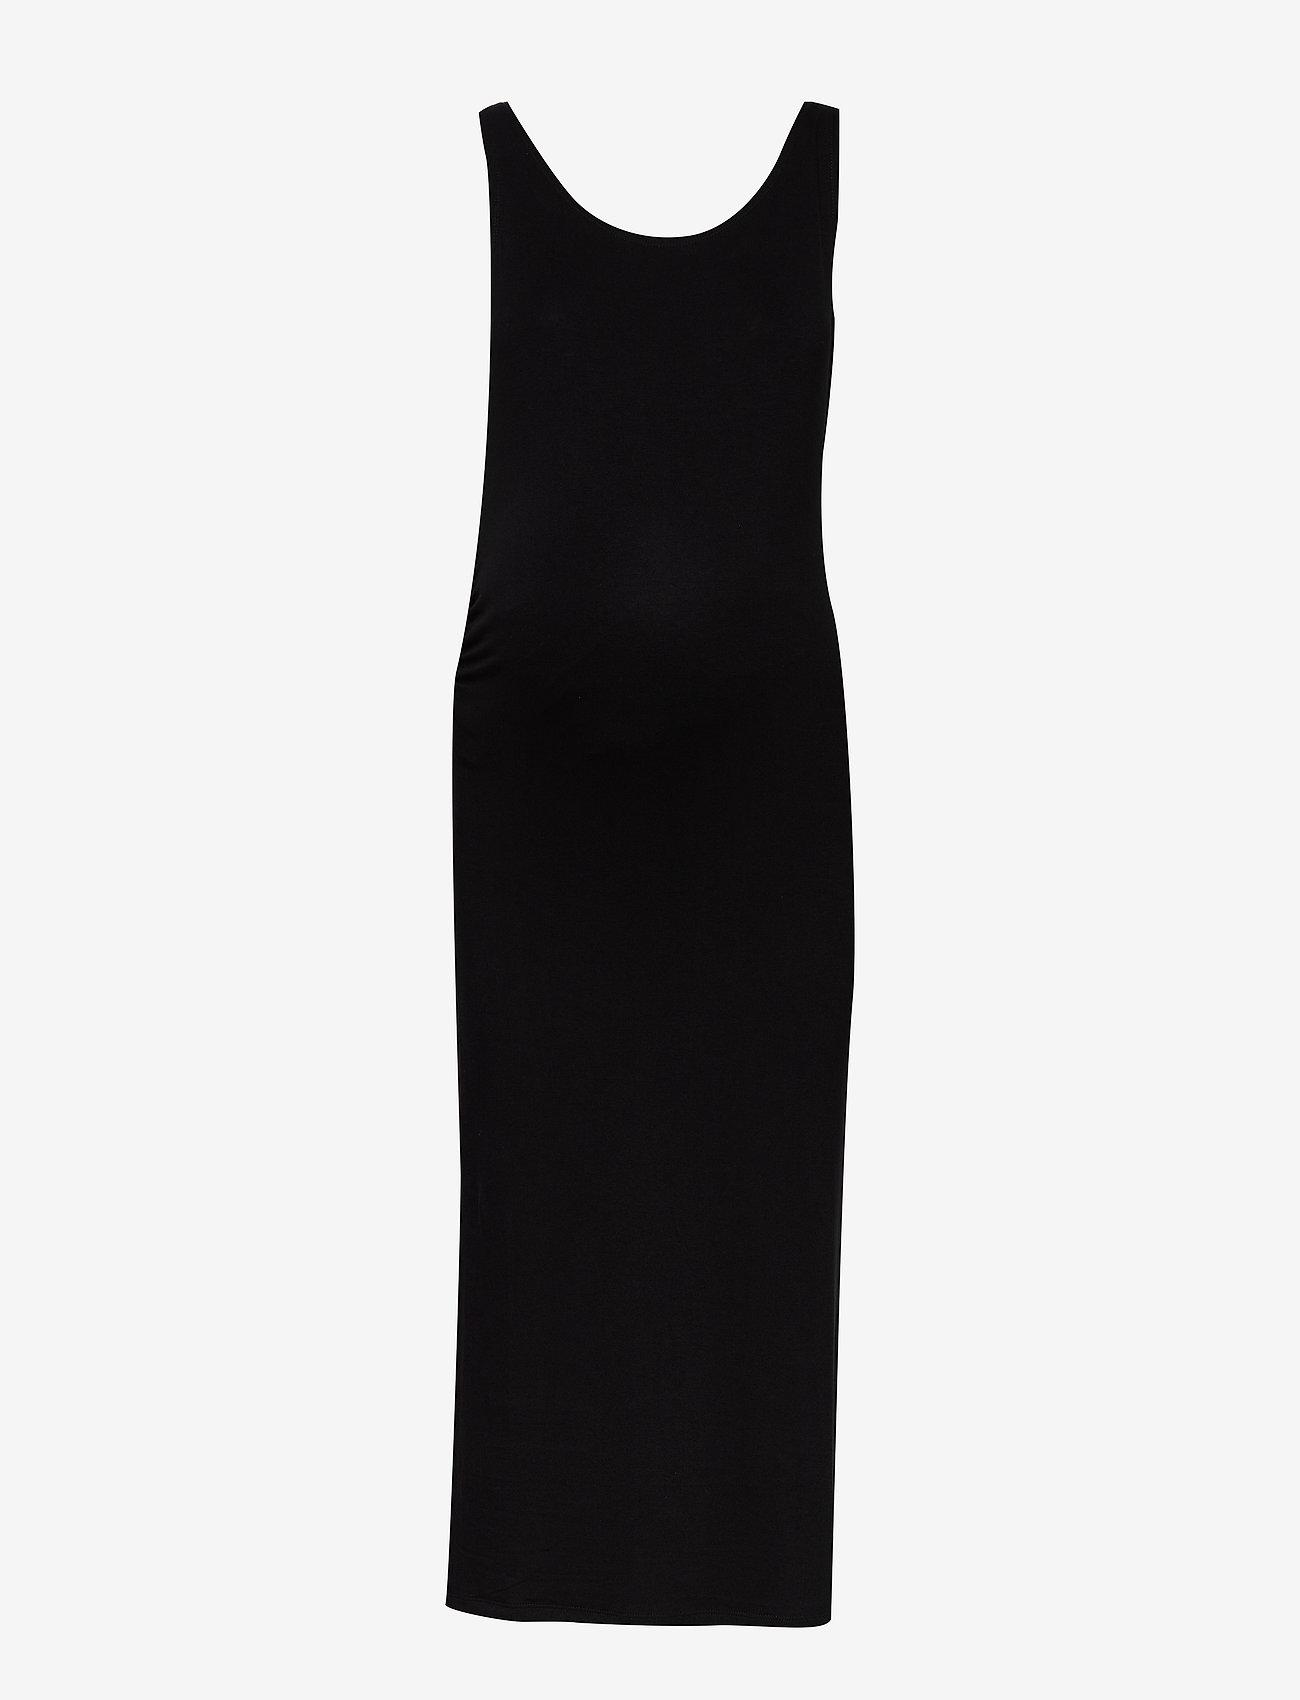 Dress Mom Joanne (Black) (19.99 €) - Lindex djkuSgiB